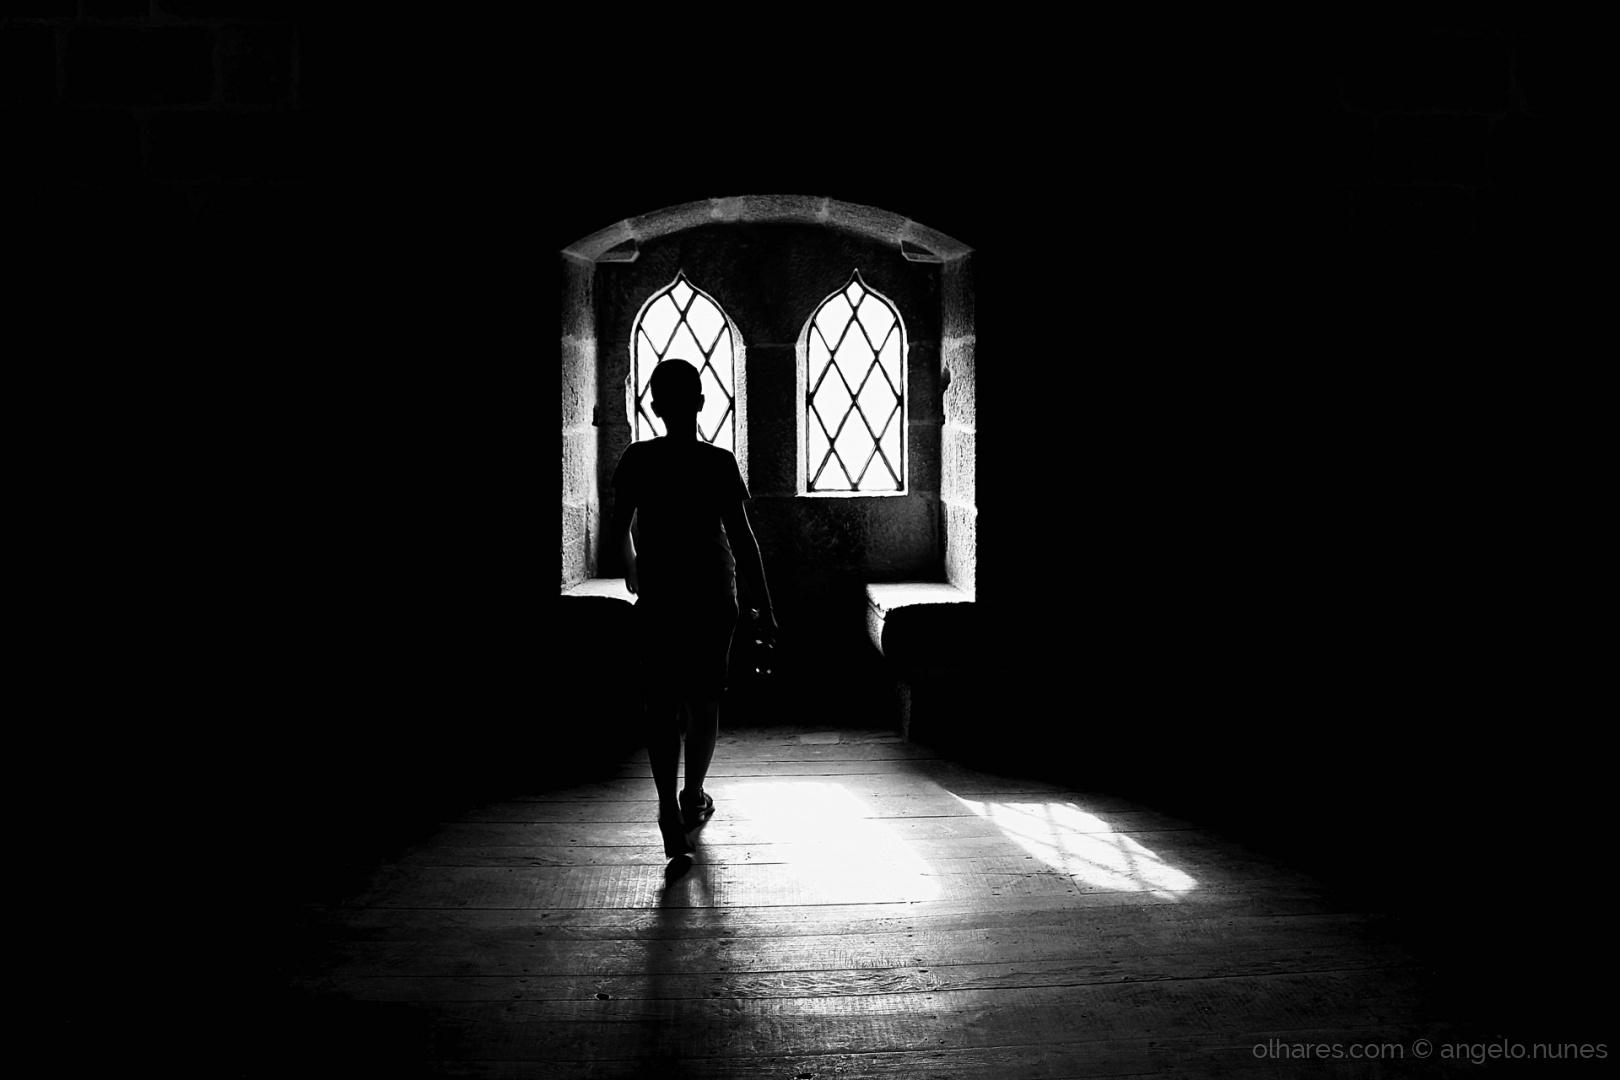 Outros/Towards the light...